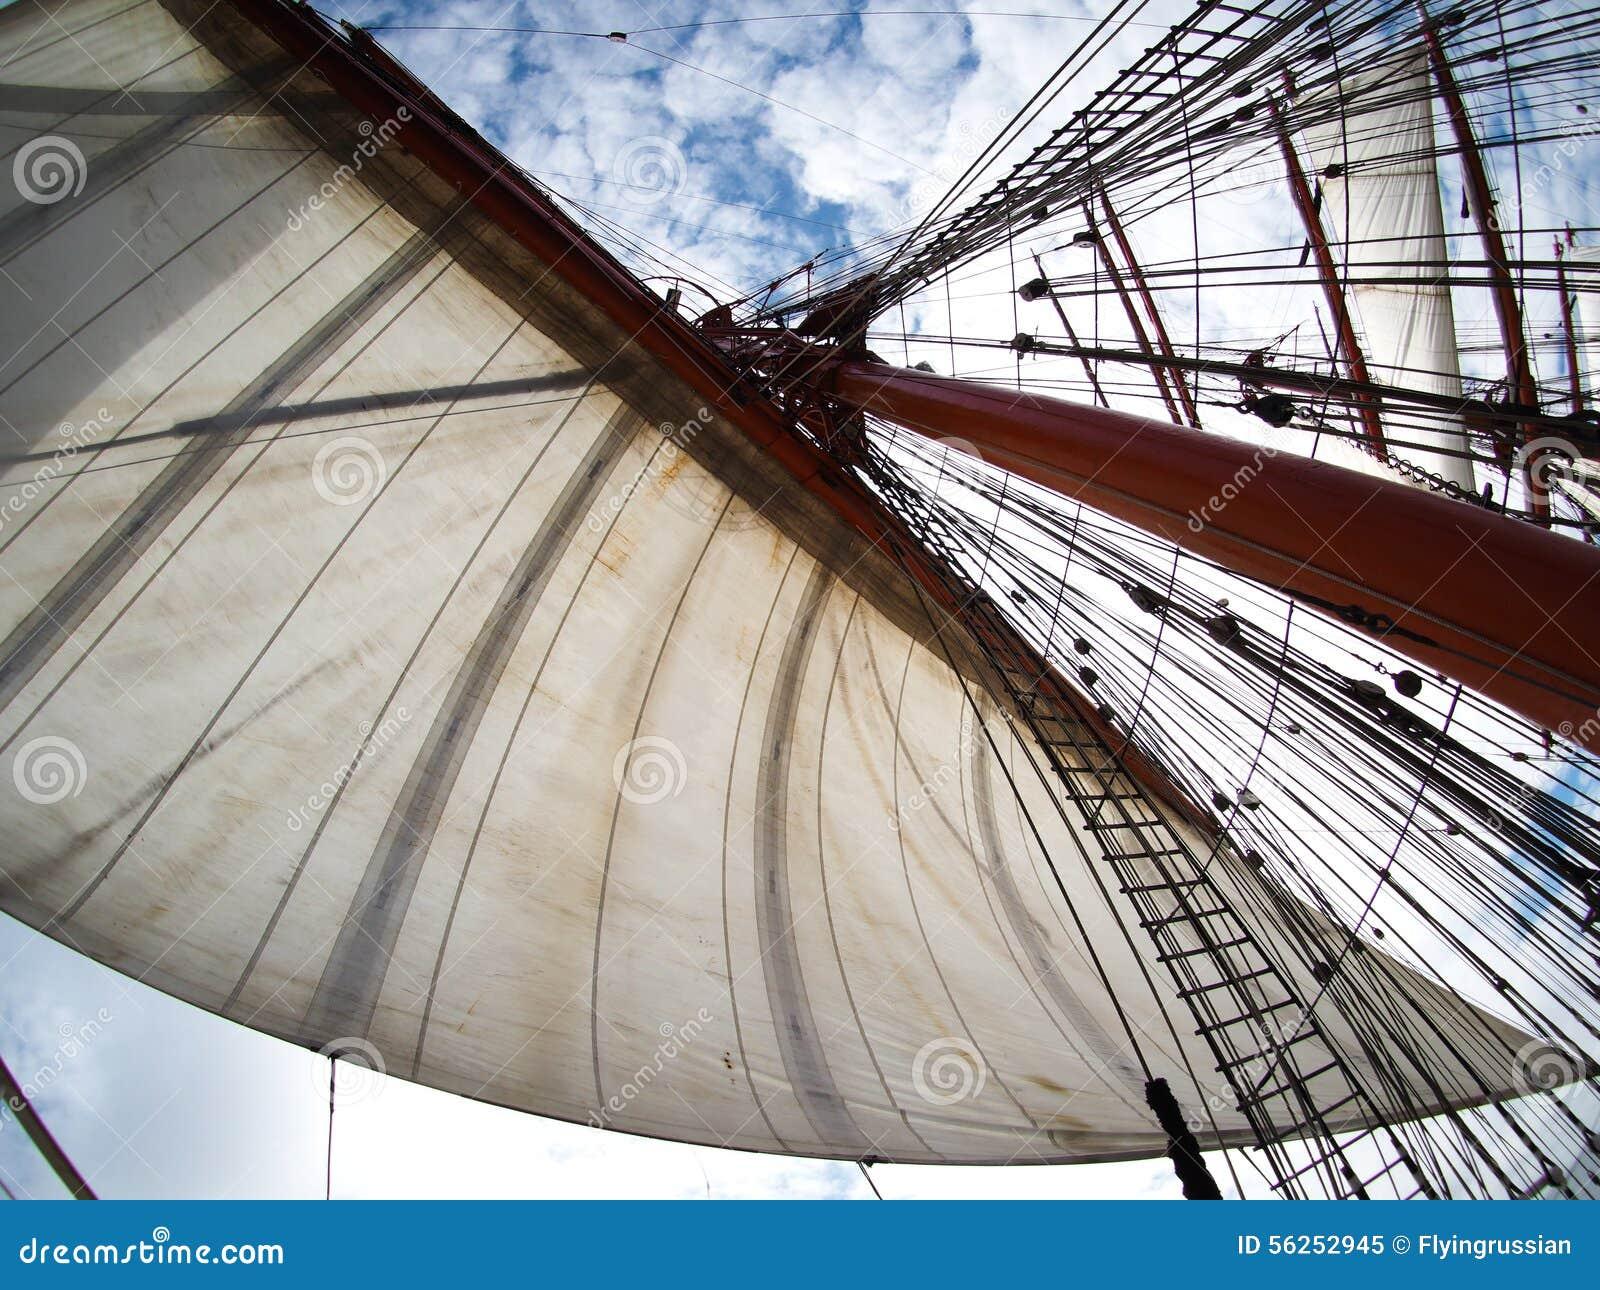 Navegando en tallship o el velero, vista de velas